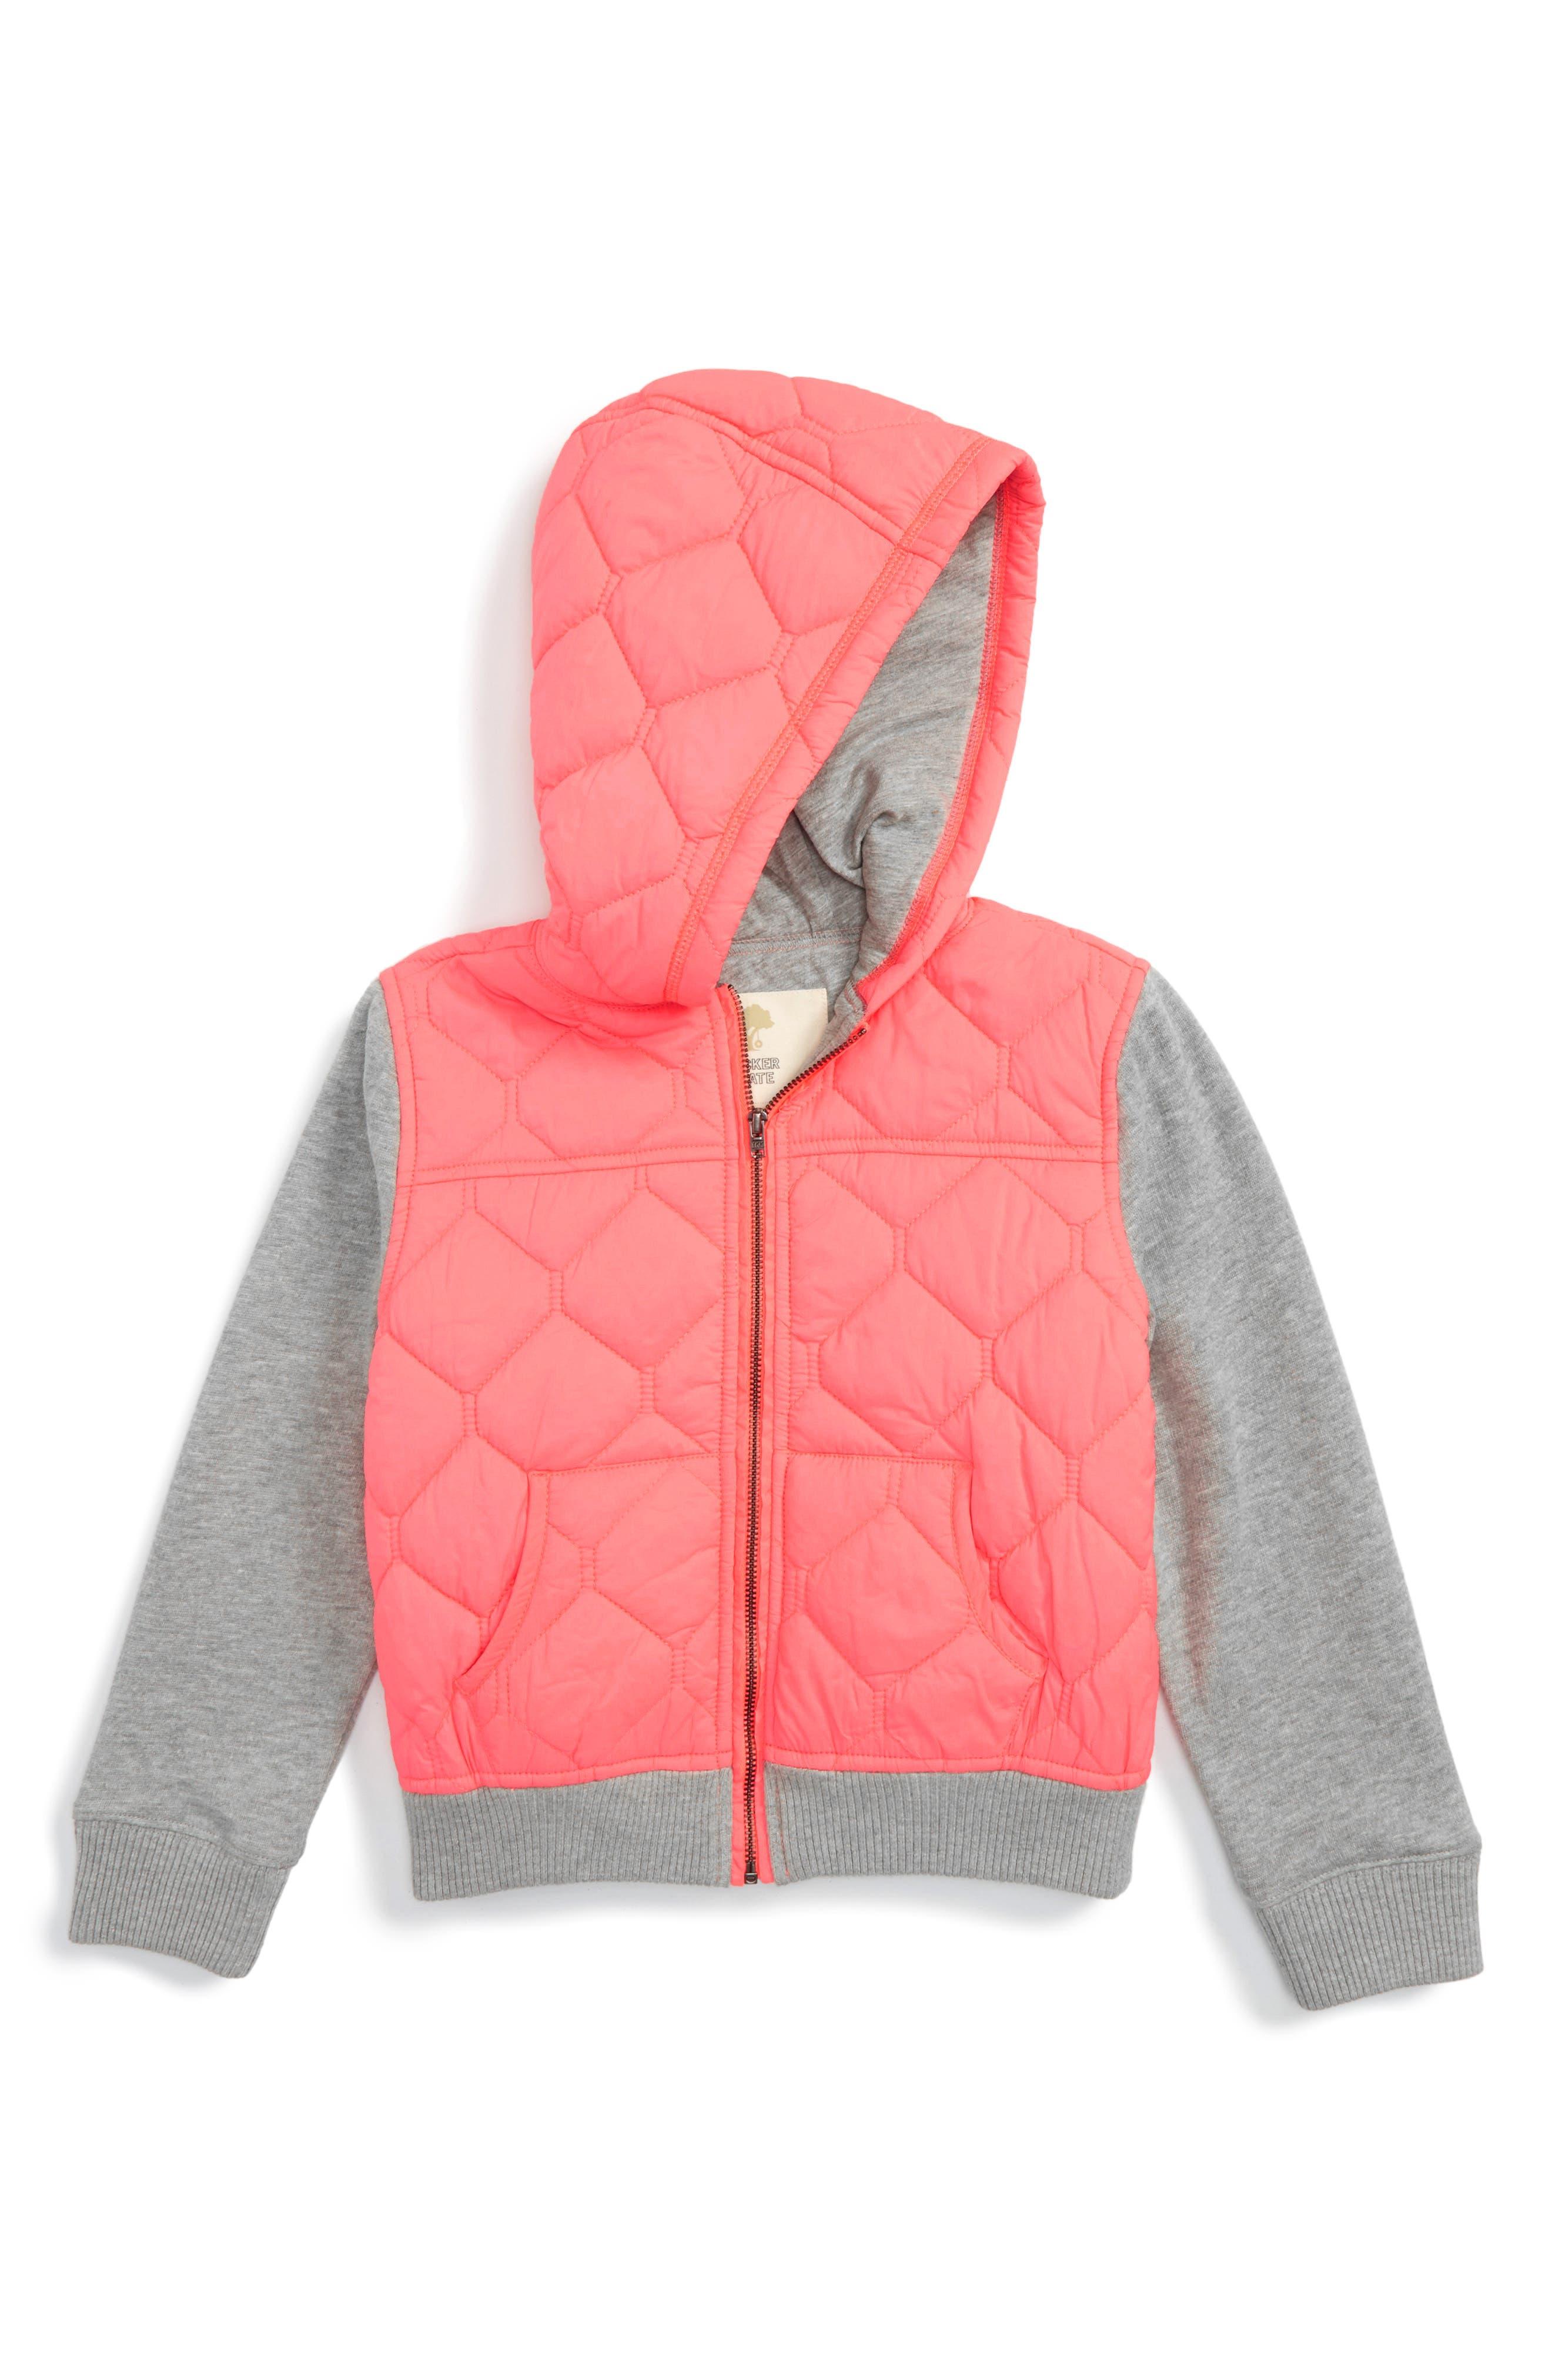 TUCKER + TATE Hooded Jacket